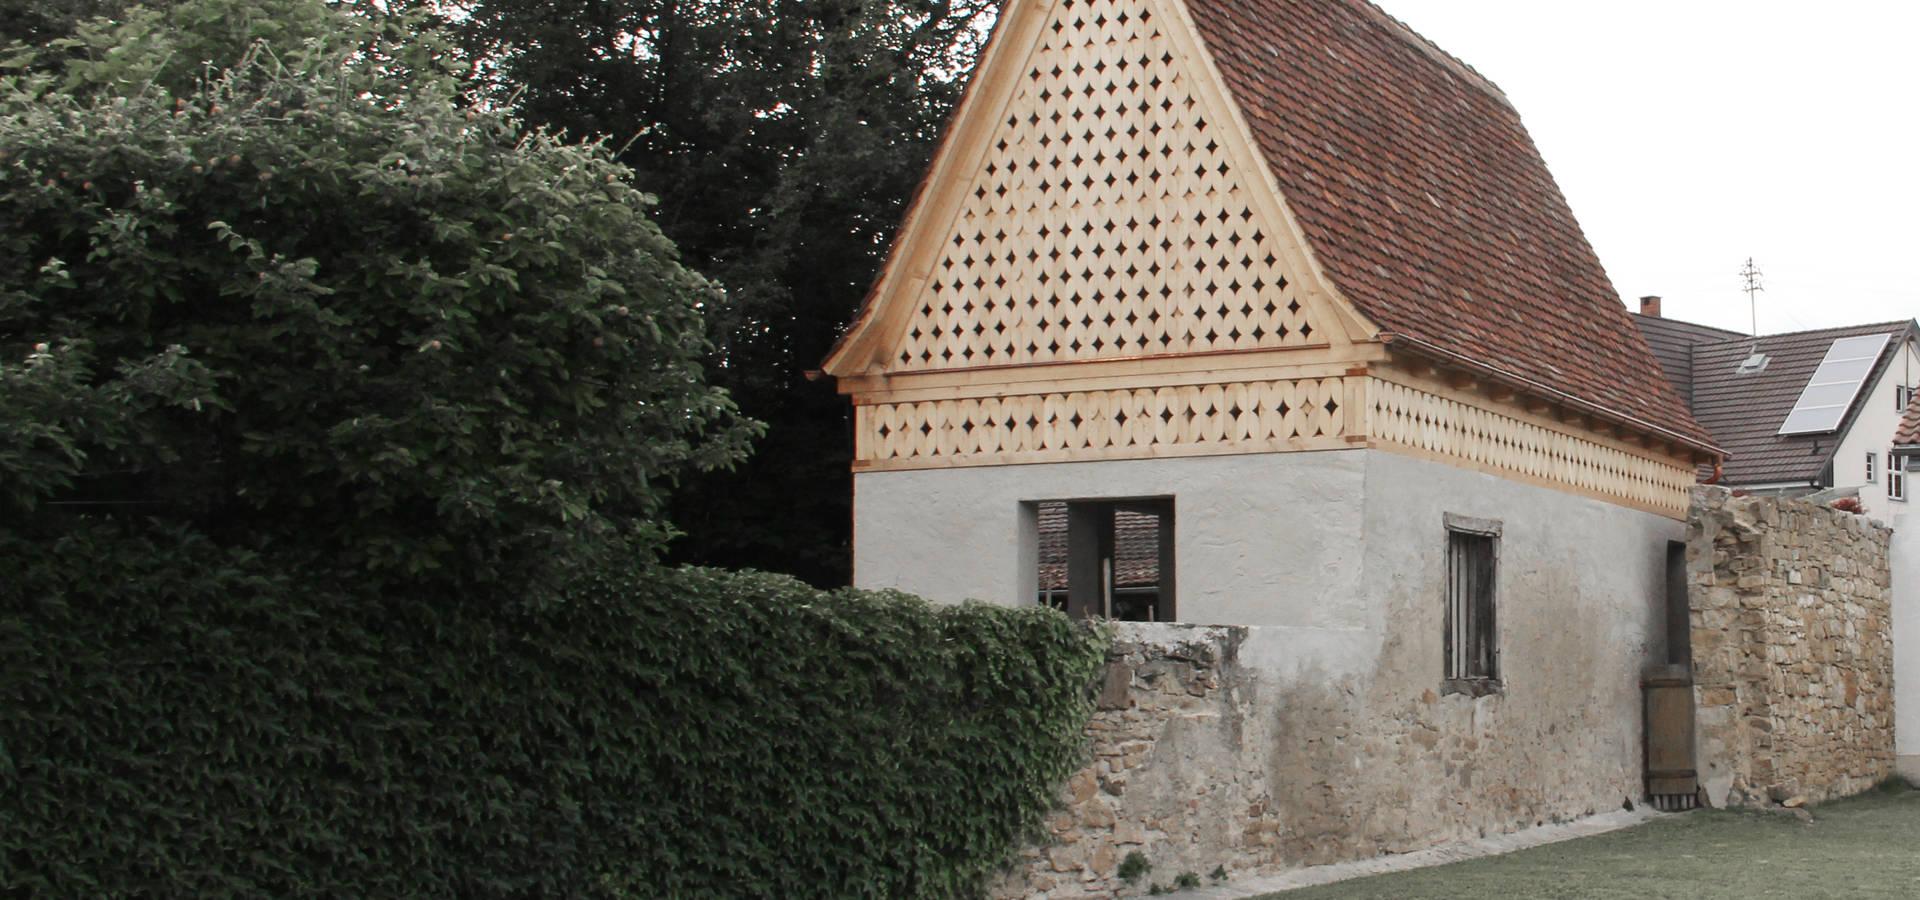 Gartenhaus bei freiburg by v csey schmidt architekten homify - Schmidt architekten ...